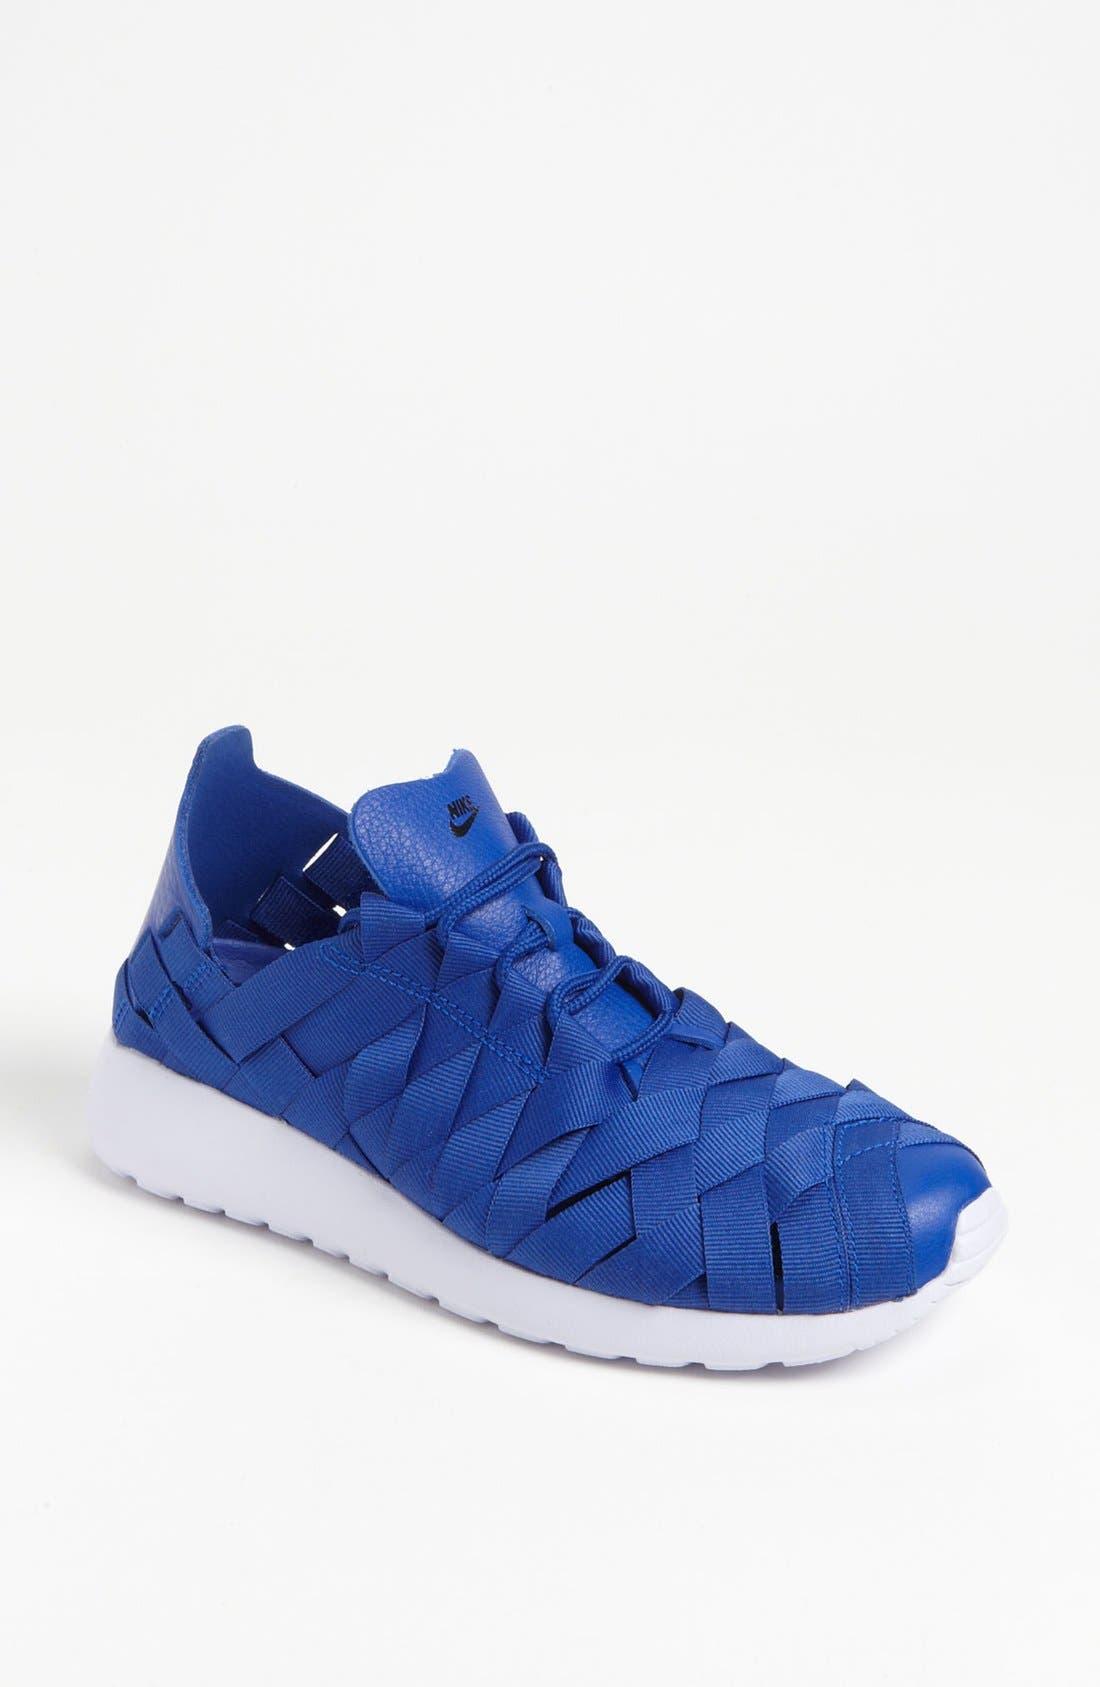 Alternate Image 1 Selected - Nike 'Roshe Run' Woven Sneaker (Women)